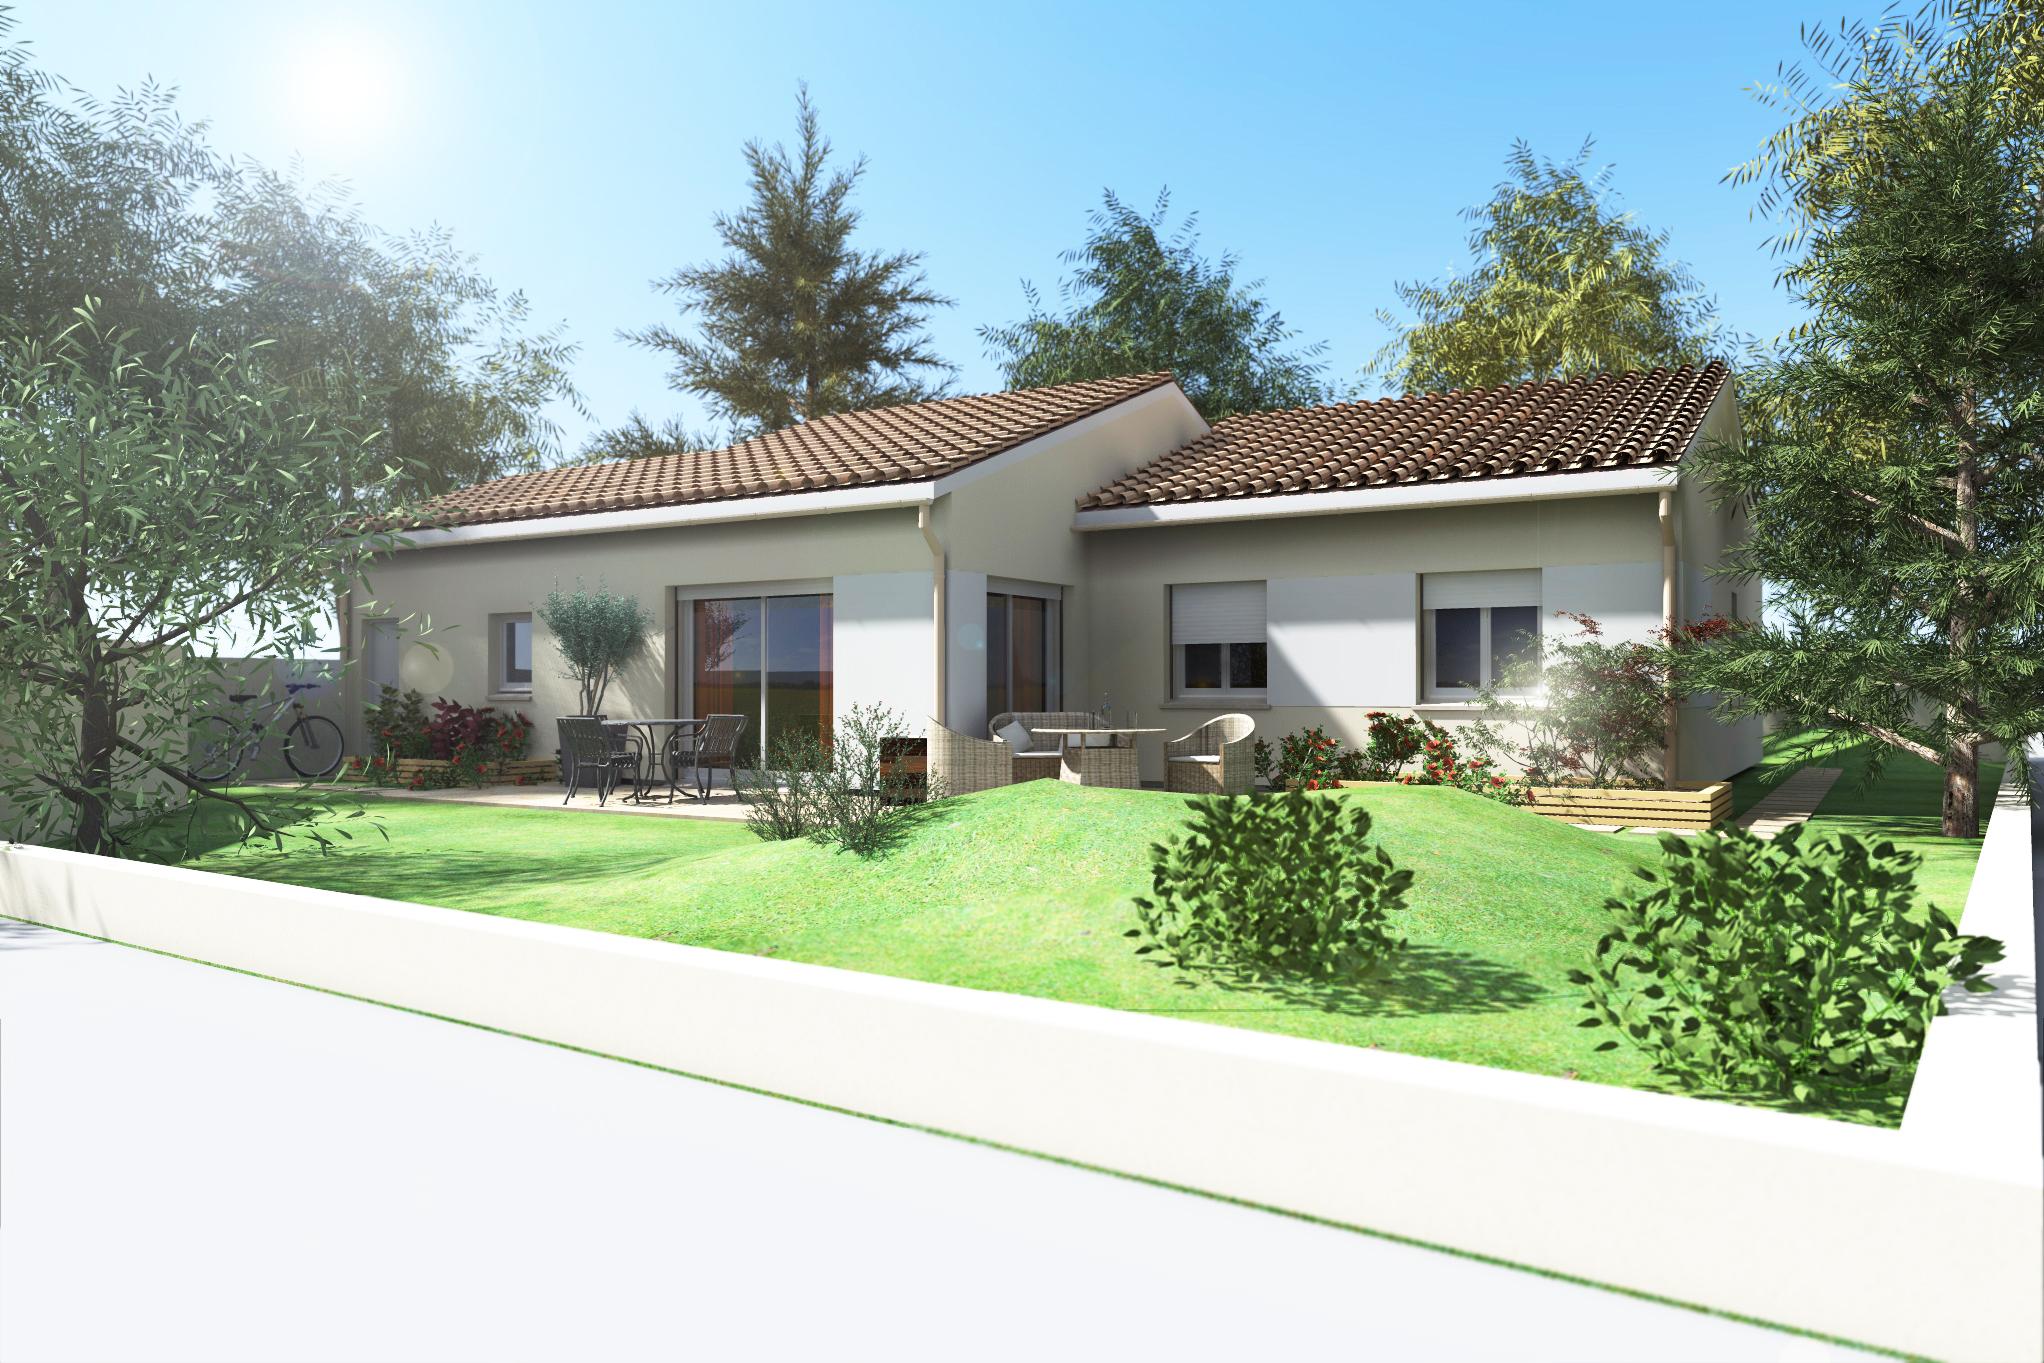 Maisons + Terrains du constructeur VILLAS PLEIN SUD -PRO RENOV26/07-D • 90 m² • SAINT ROMANS